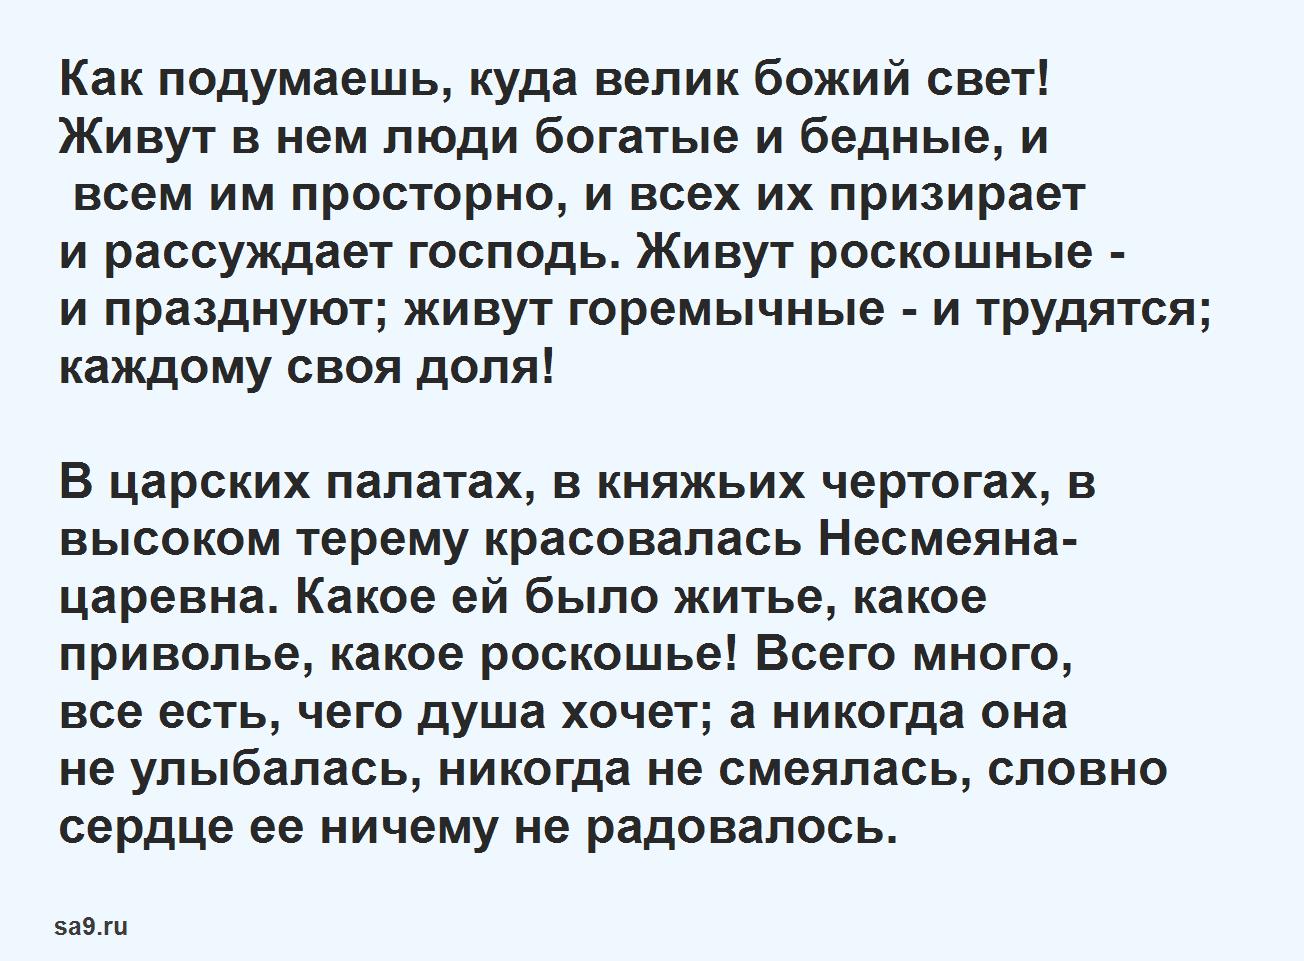 Царевна-Несмеяна - русская народная сказка